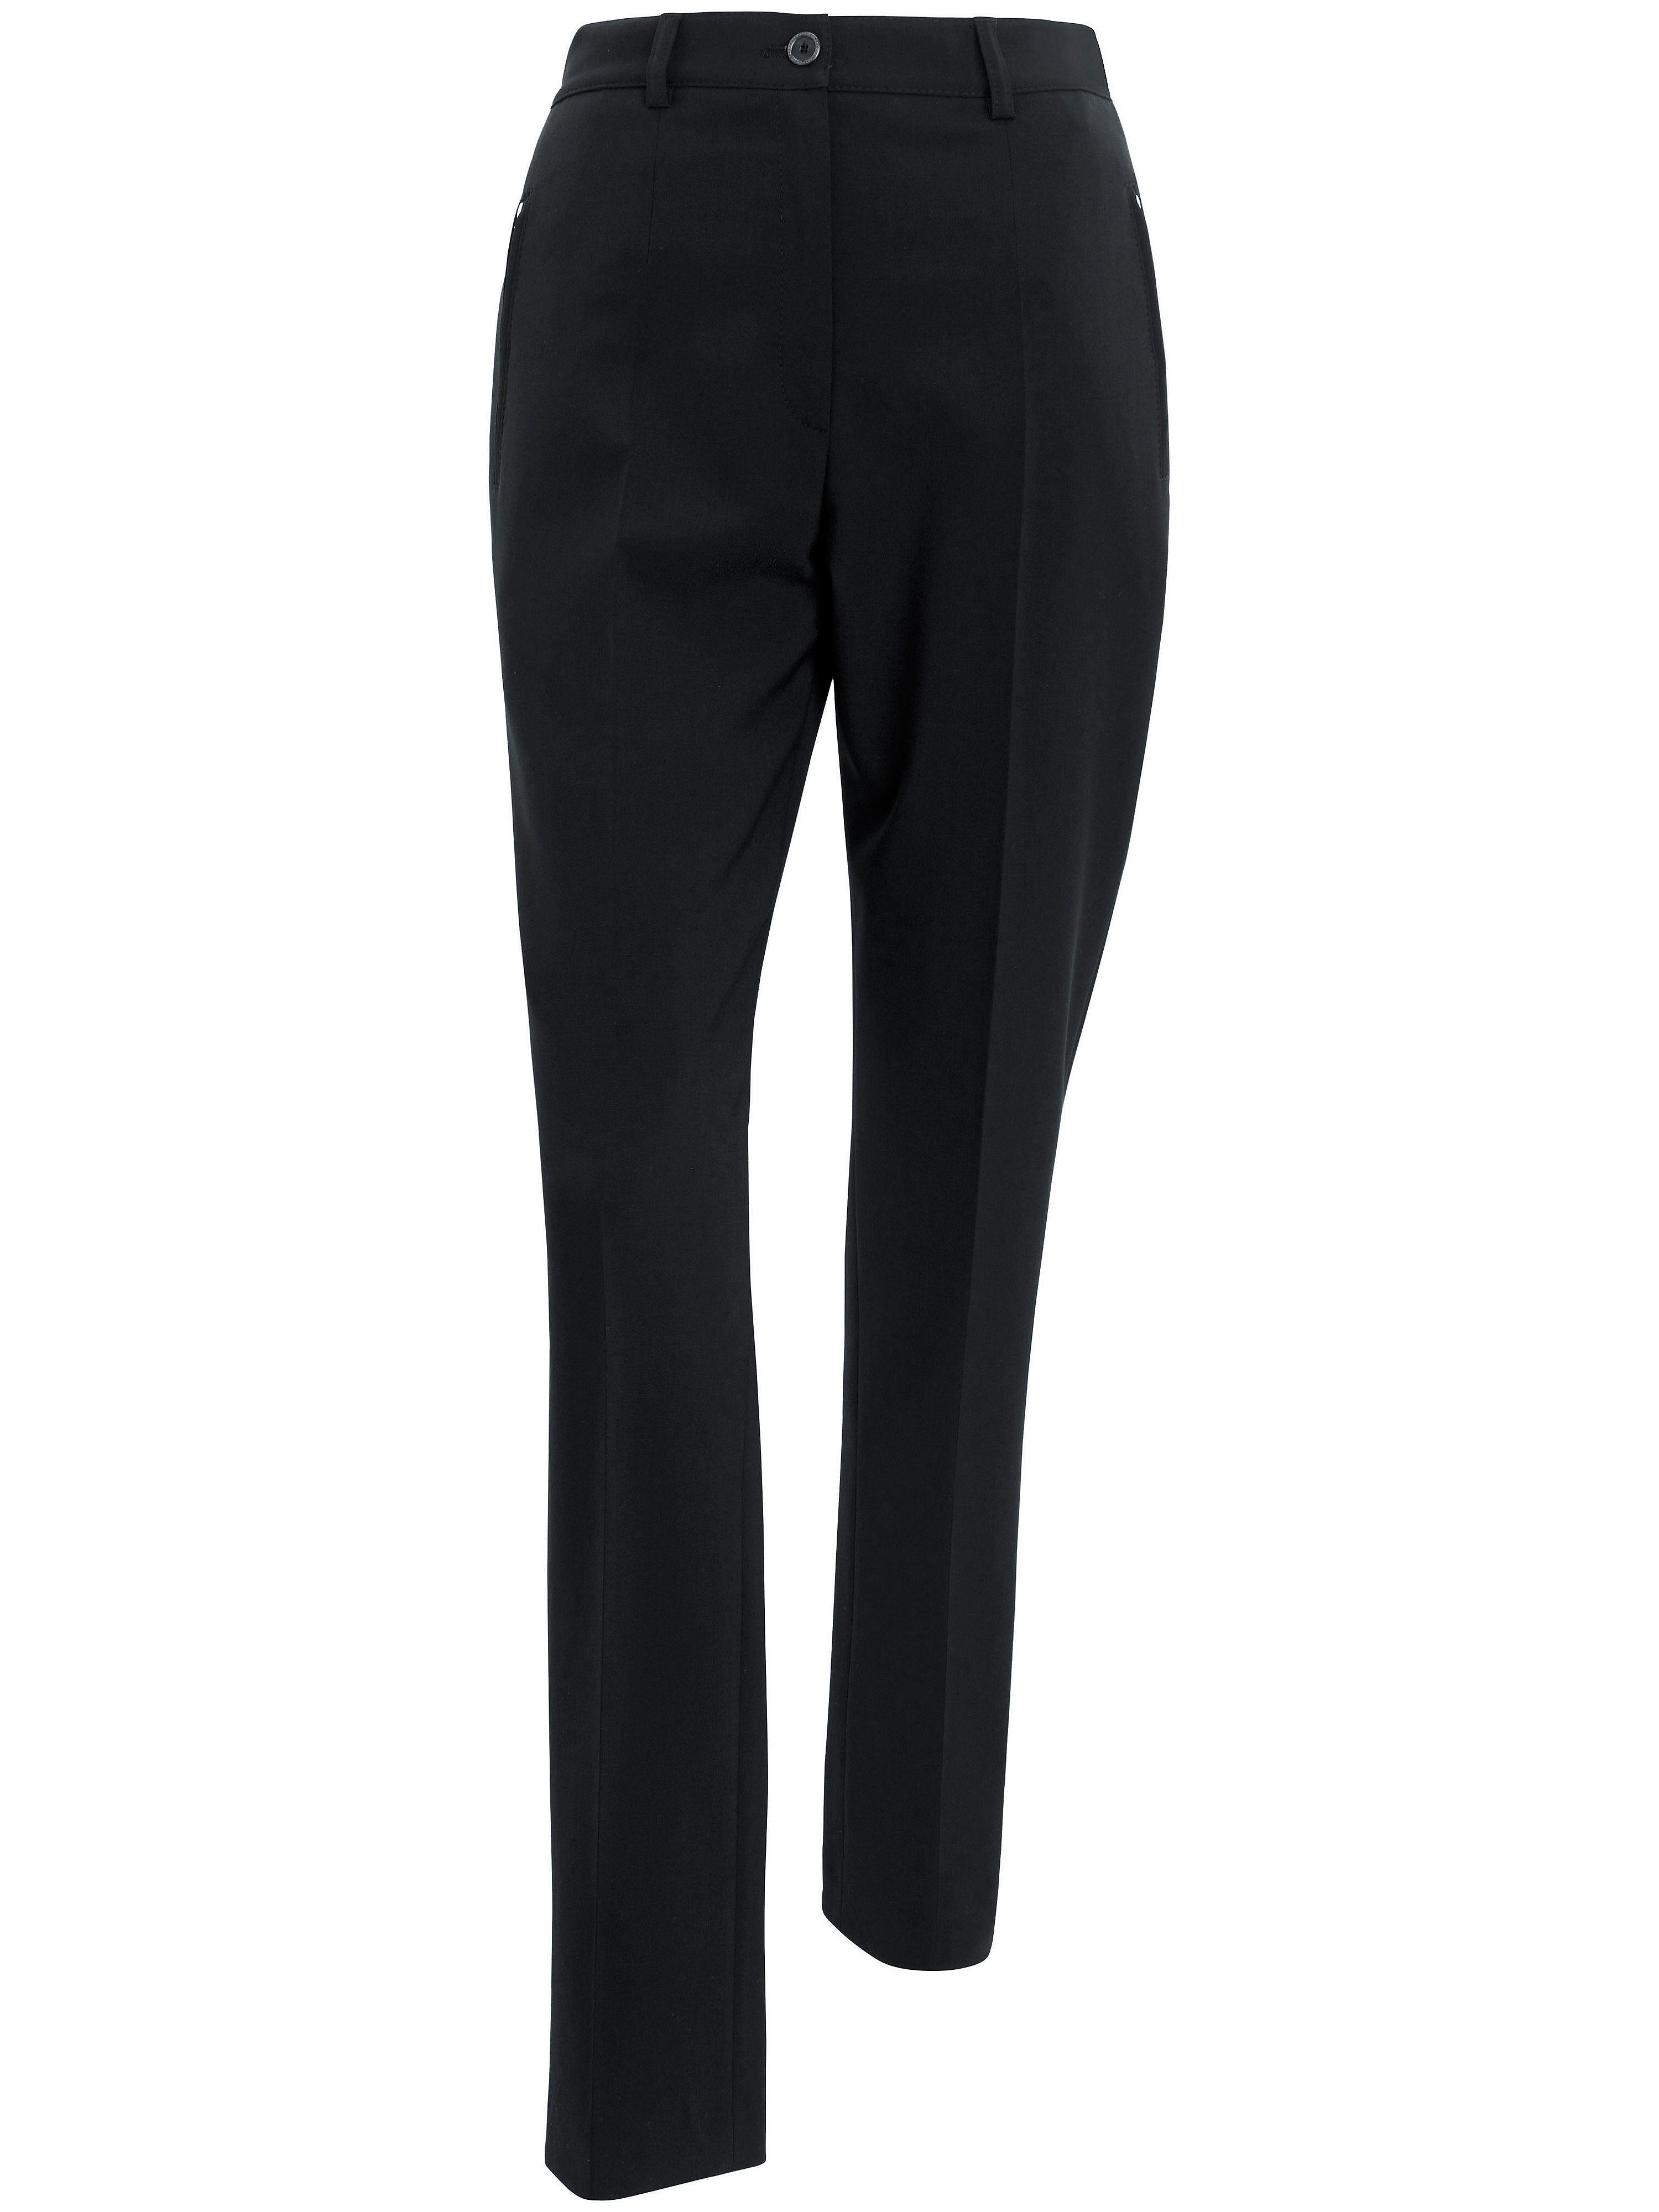 Le pantalon  Raphaela by Brax noir taille 52